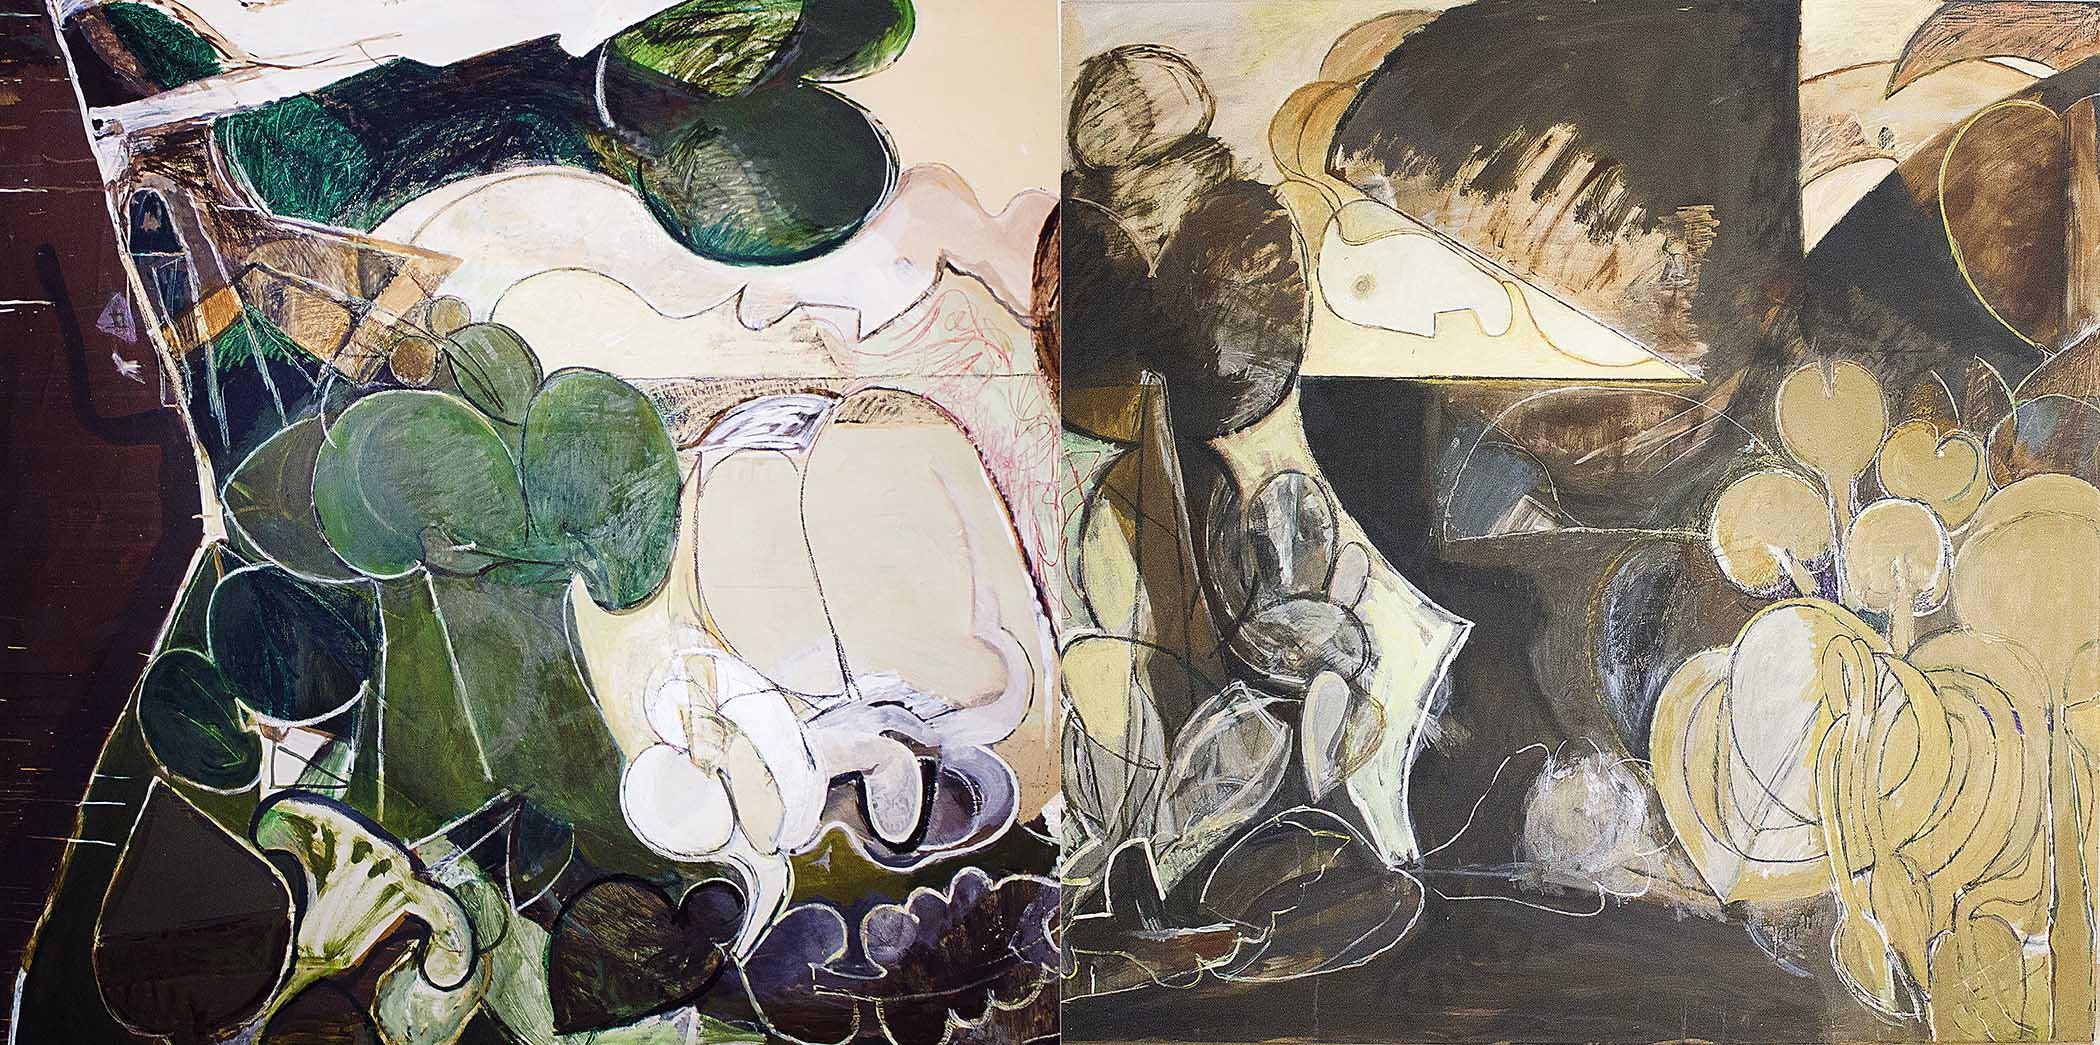 Grotta, 1995